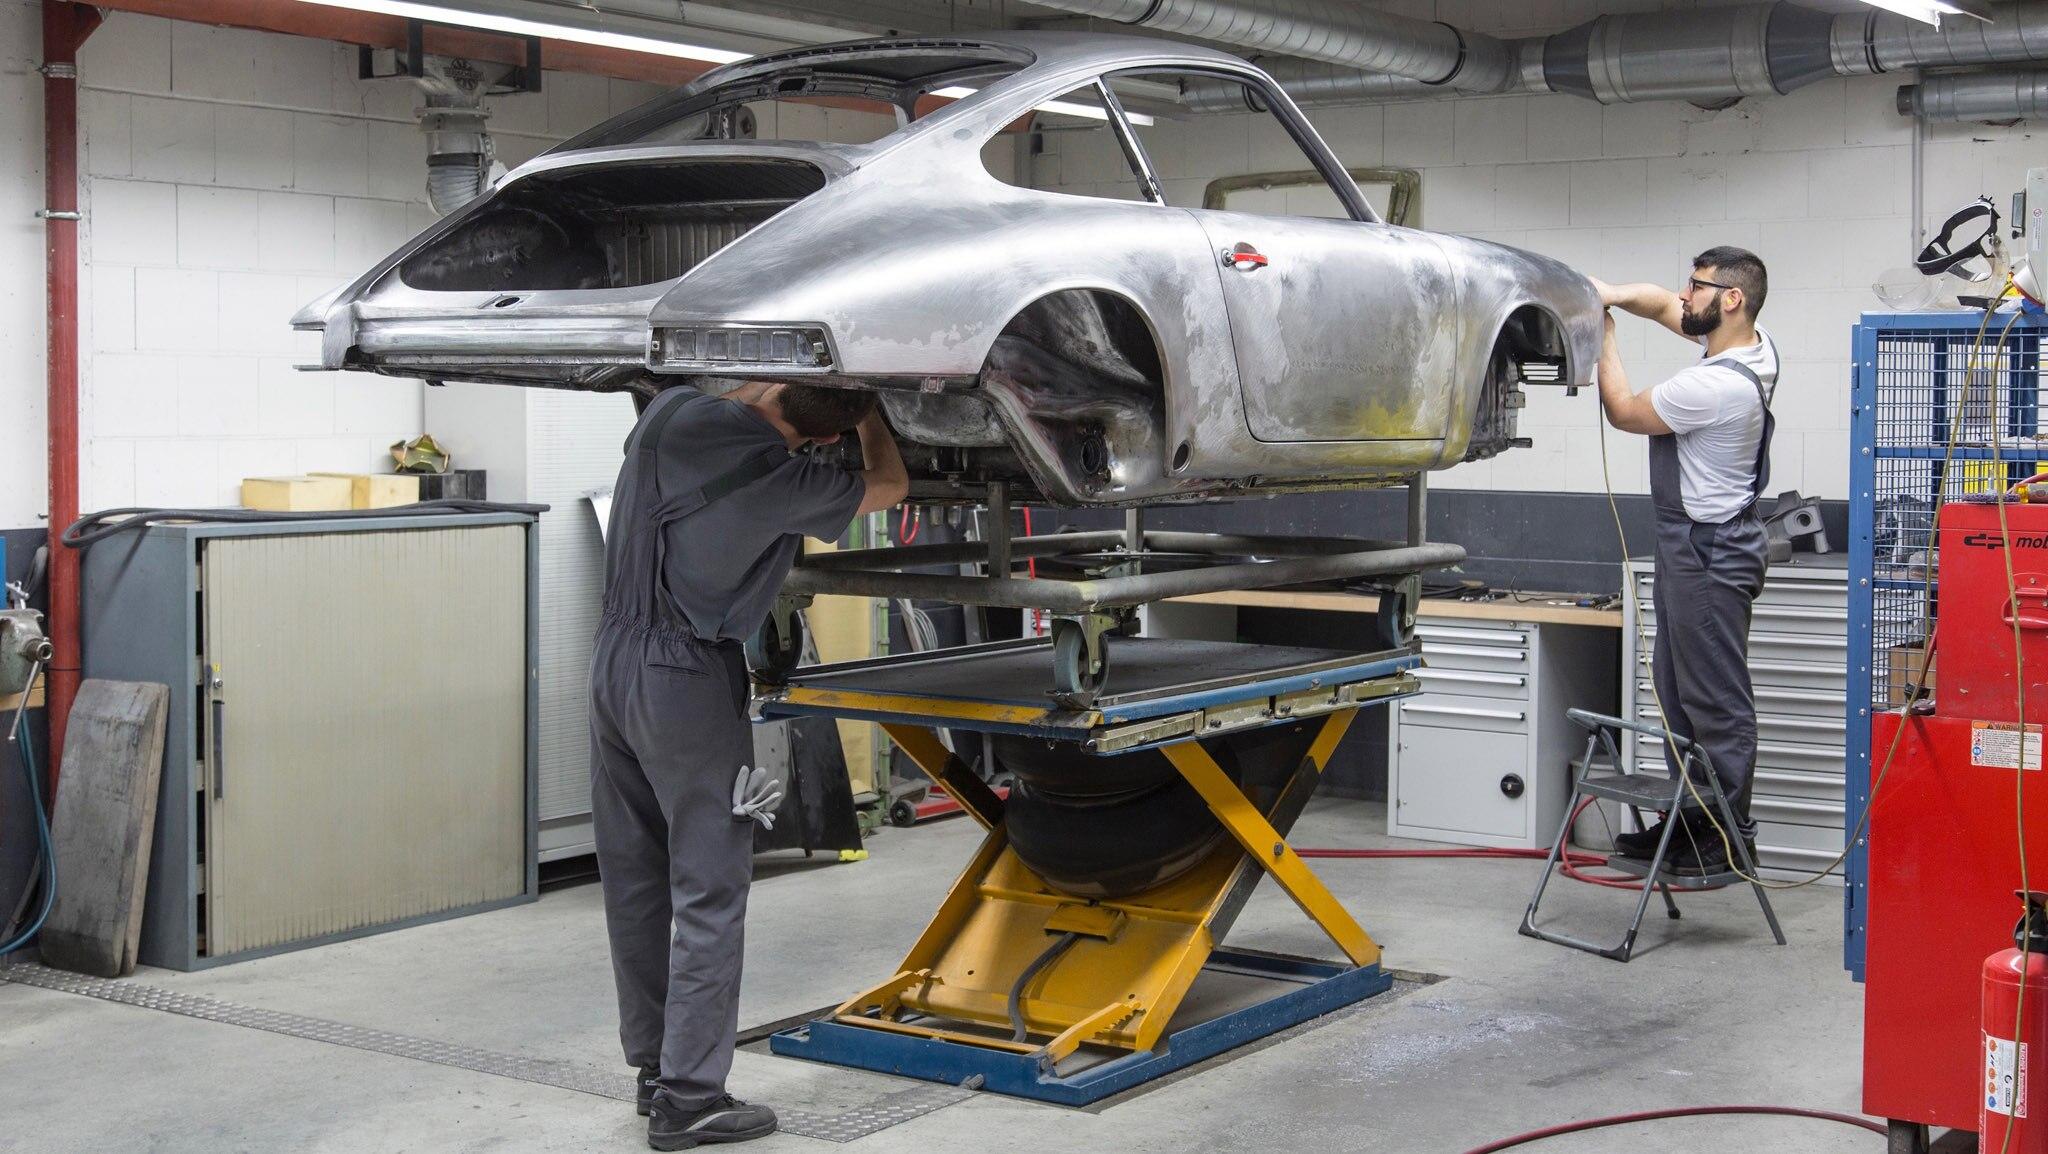 1964 Porsche 911 Barn Find Gets A 21st Century Jumpstart